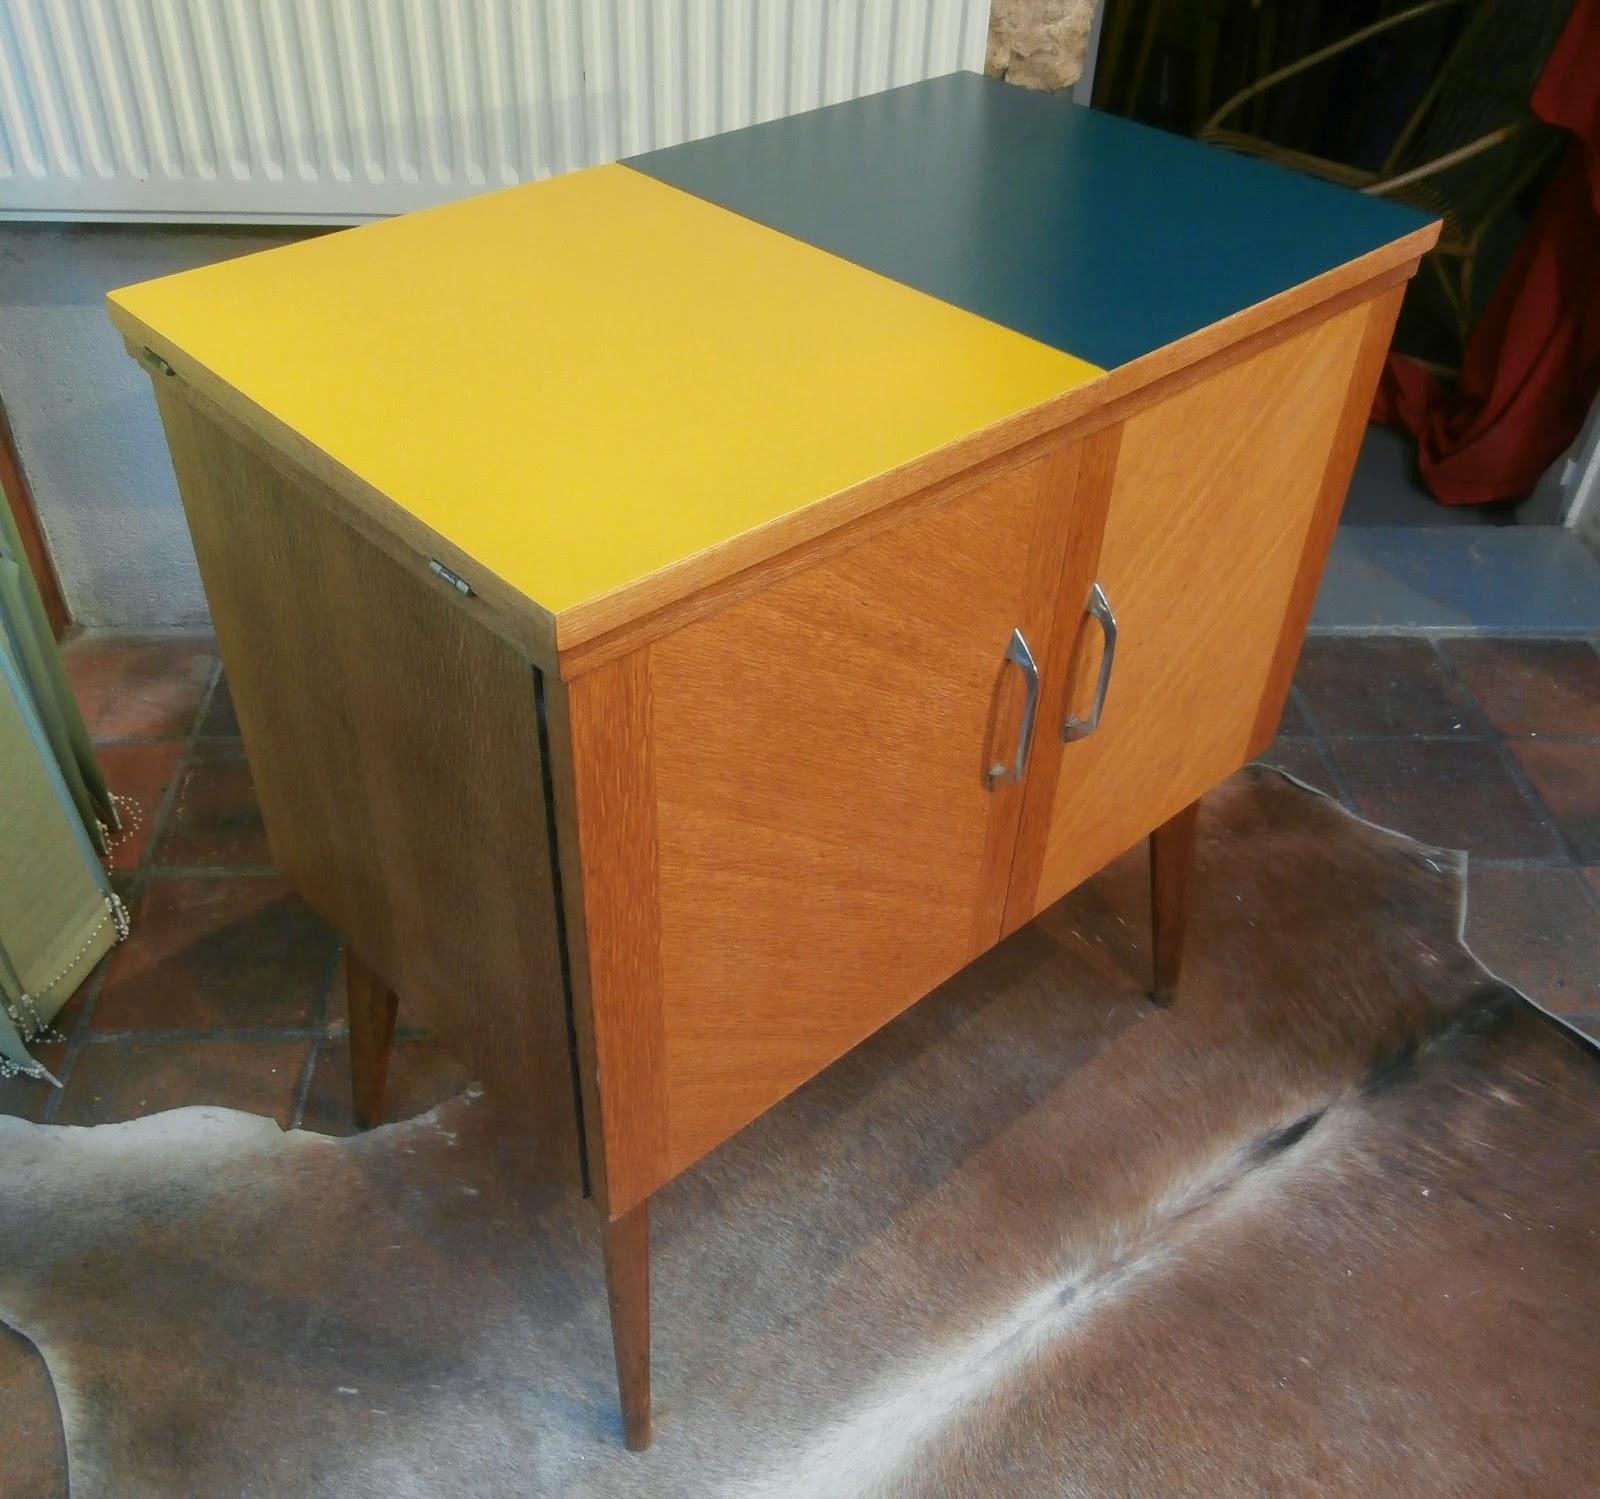 dur e de vie ind termin e meuble de rangement bleu p trole et jaune miel. Black Bedroom Furniture Sets. Home Design Ideas